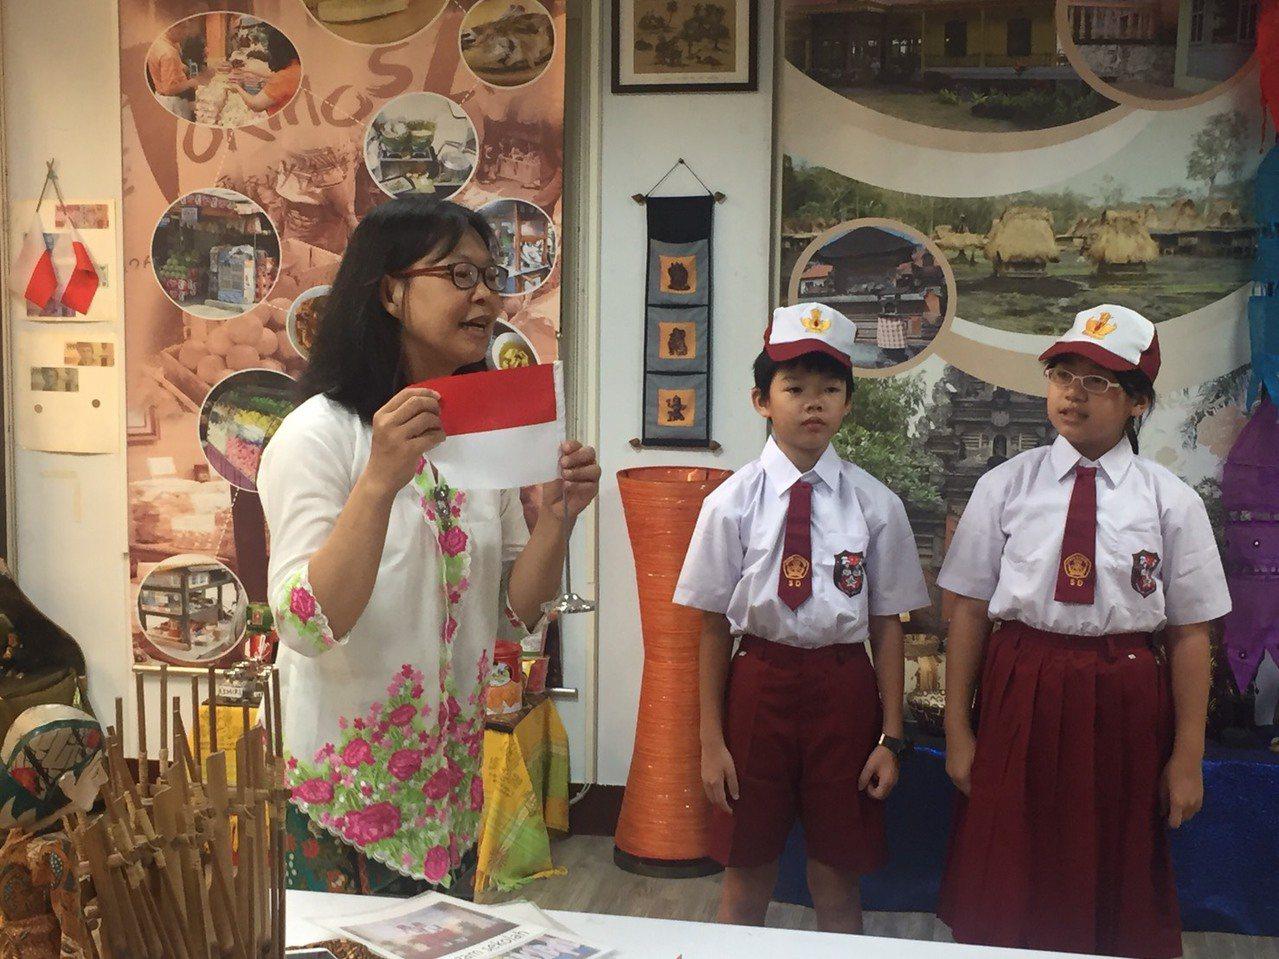 來自印尼的陳珊蘭在5校授課,除了語文教學,還會教導學生DIY印尼美食,如薑黃飯、...